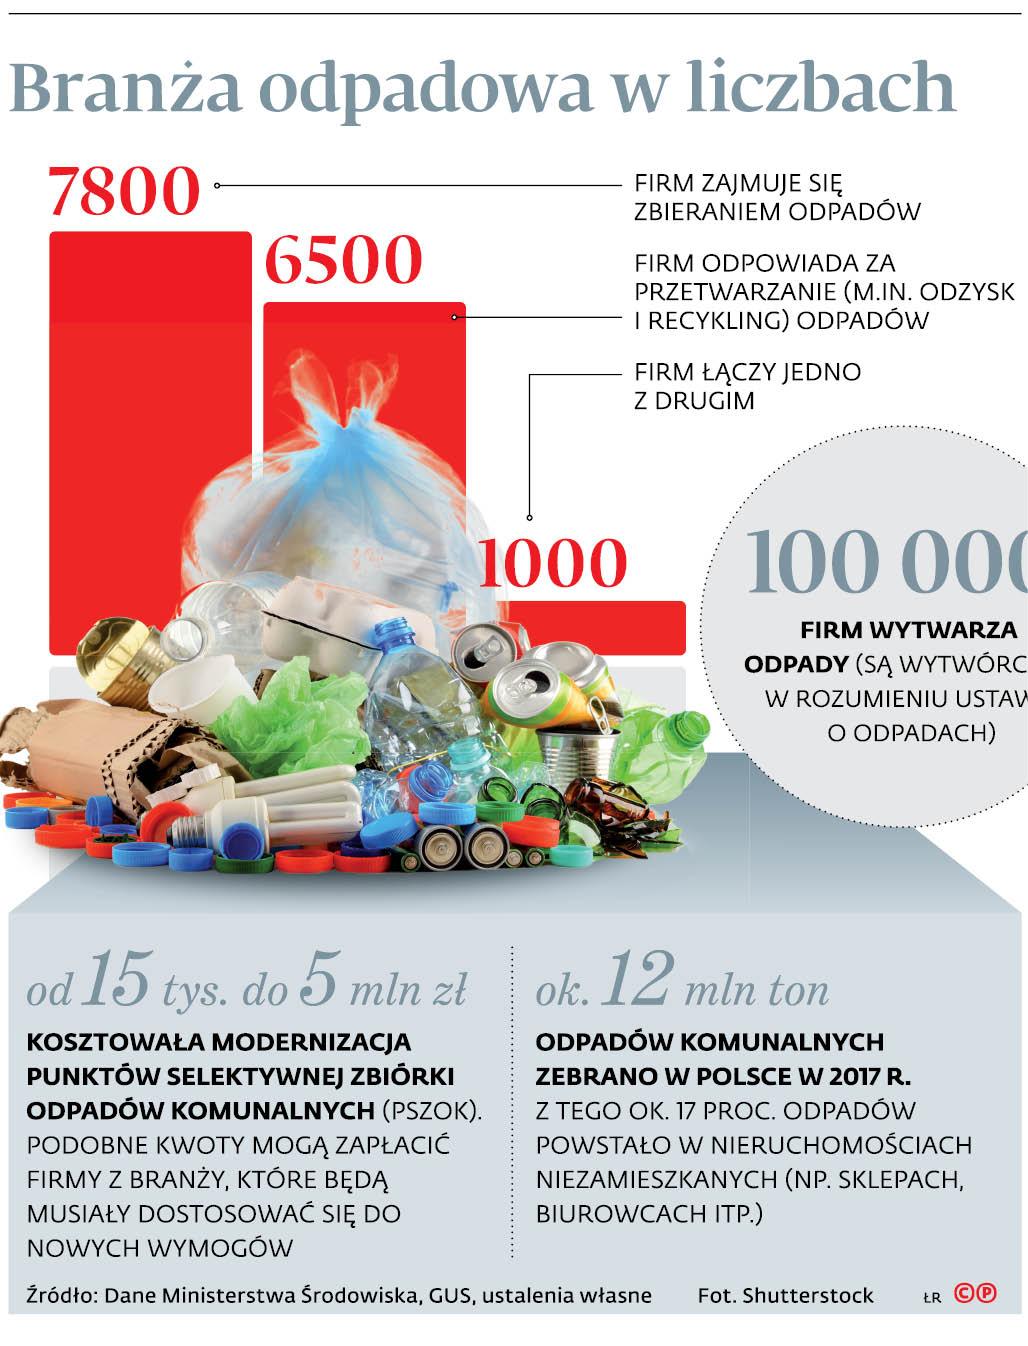 Branża odpadowa w liczbach